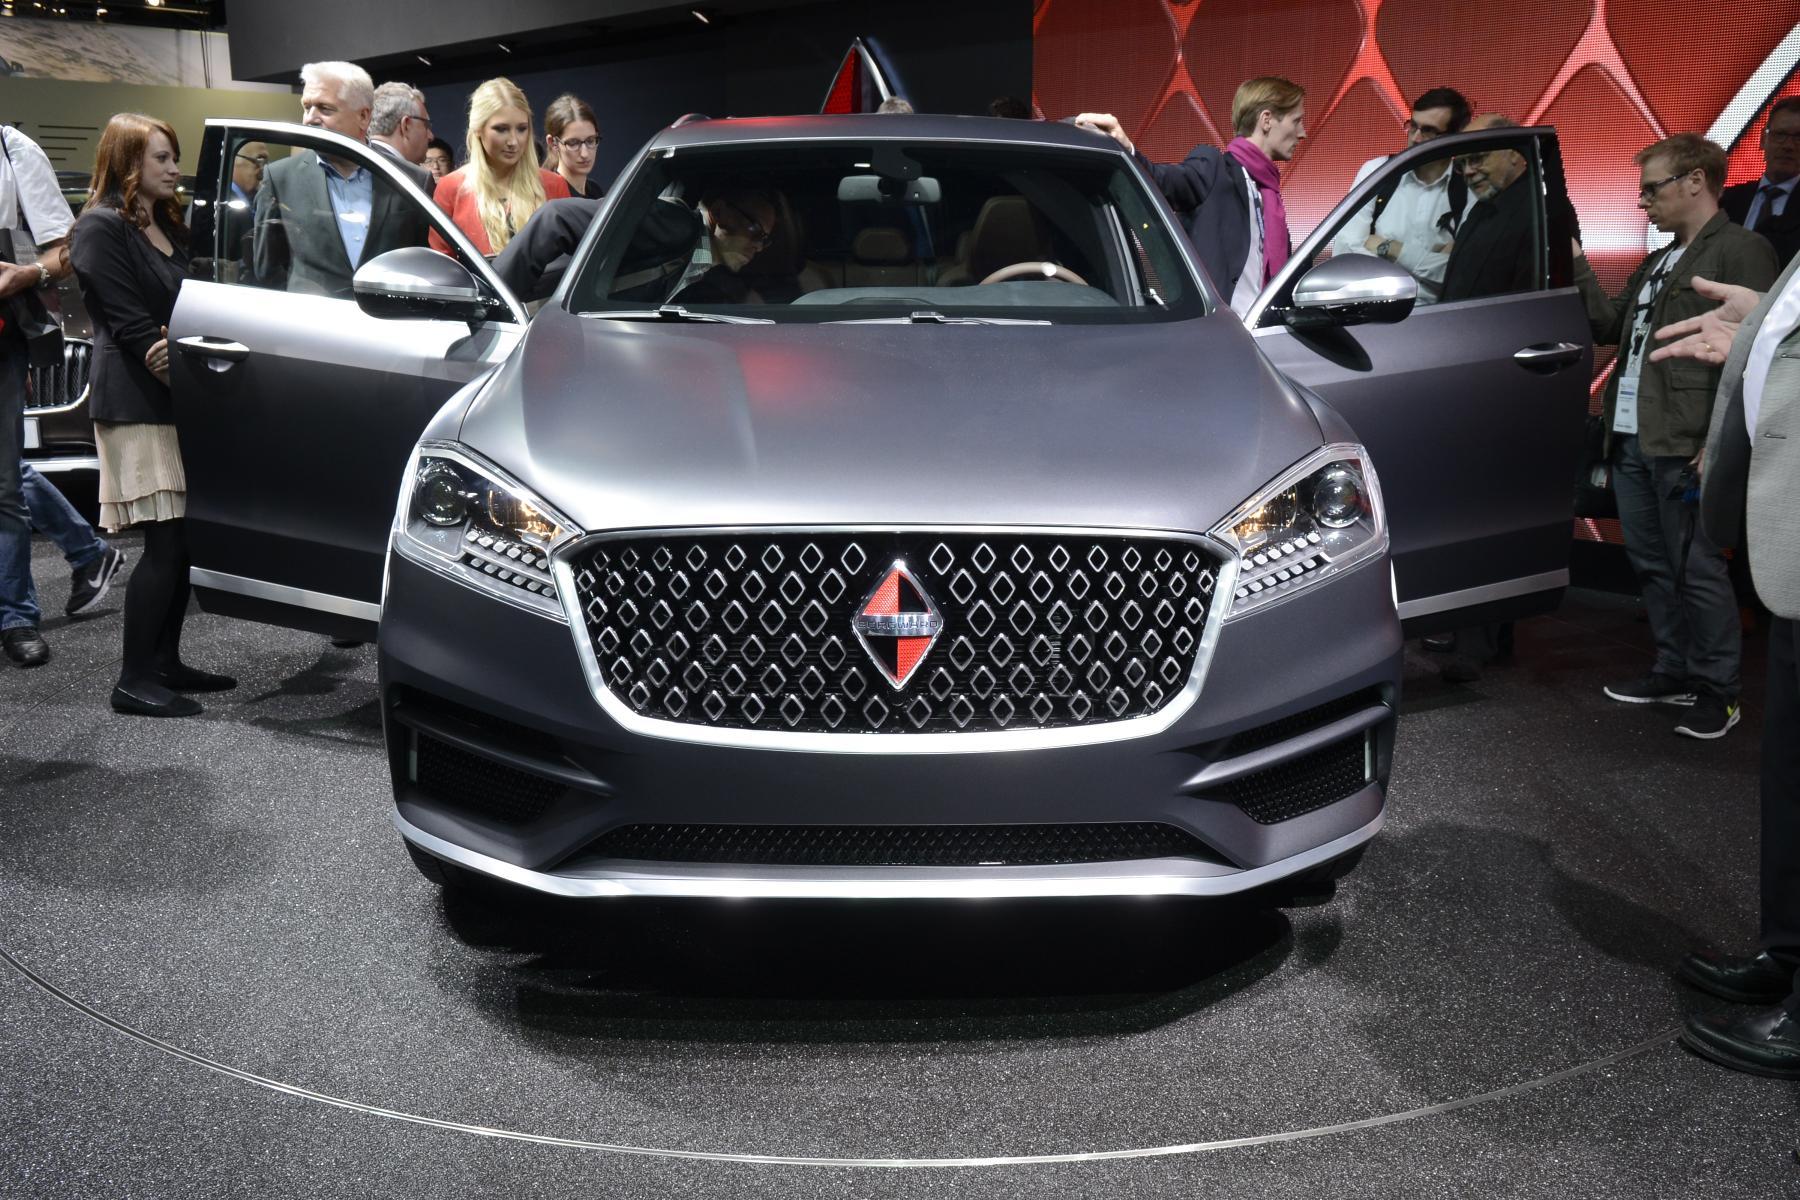 В текущем году на русском автомобильном рынке появится флагманский автомобиль Borgward BX7